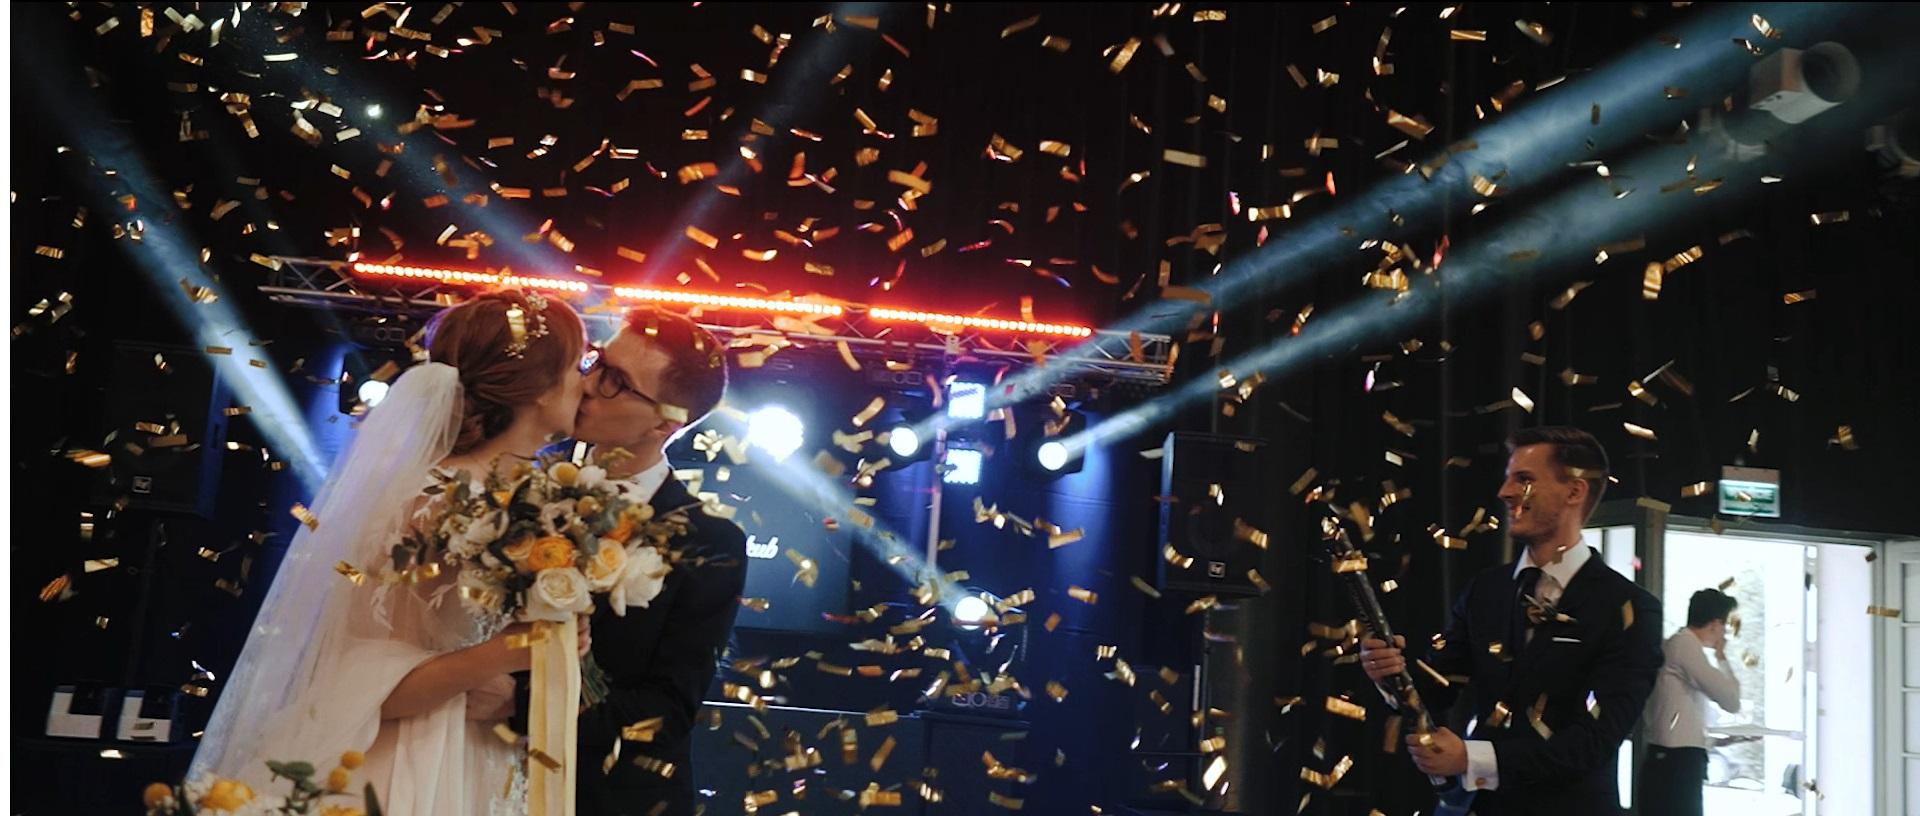 konfetii płatki wesele śląsk pierwszy taniec katowice